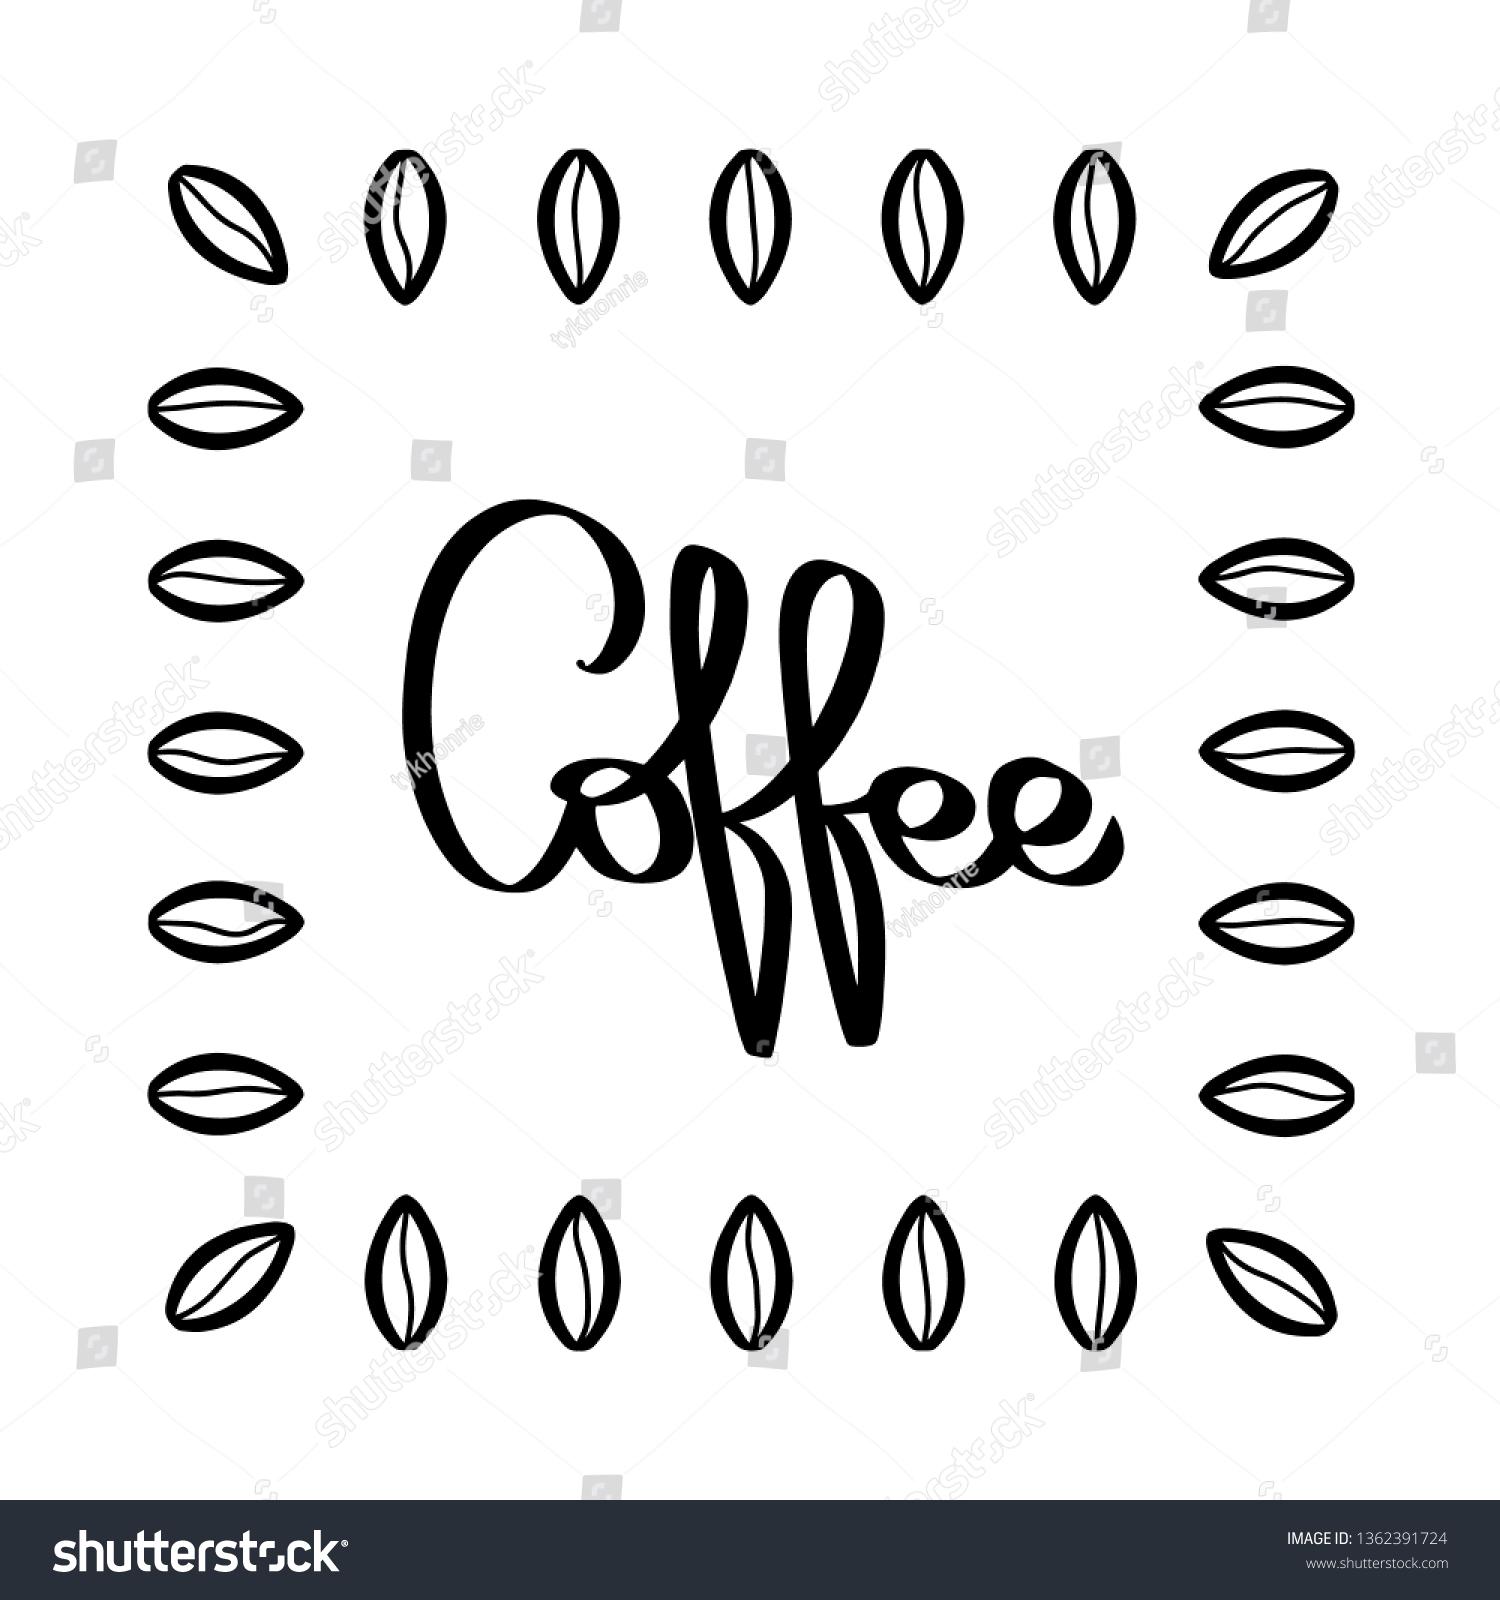 stock-vector-coffee-beans-handwritten-bl